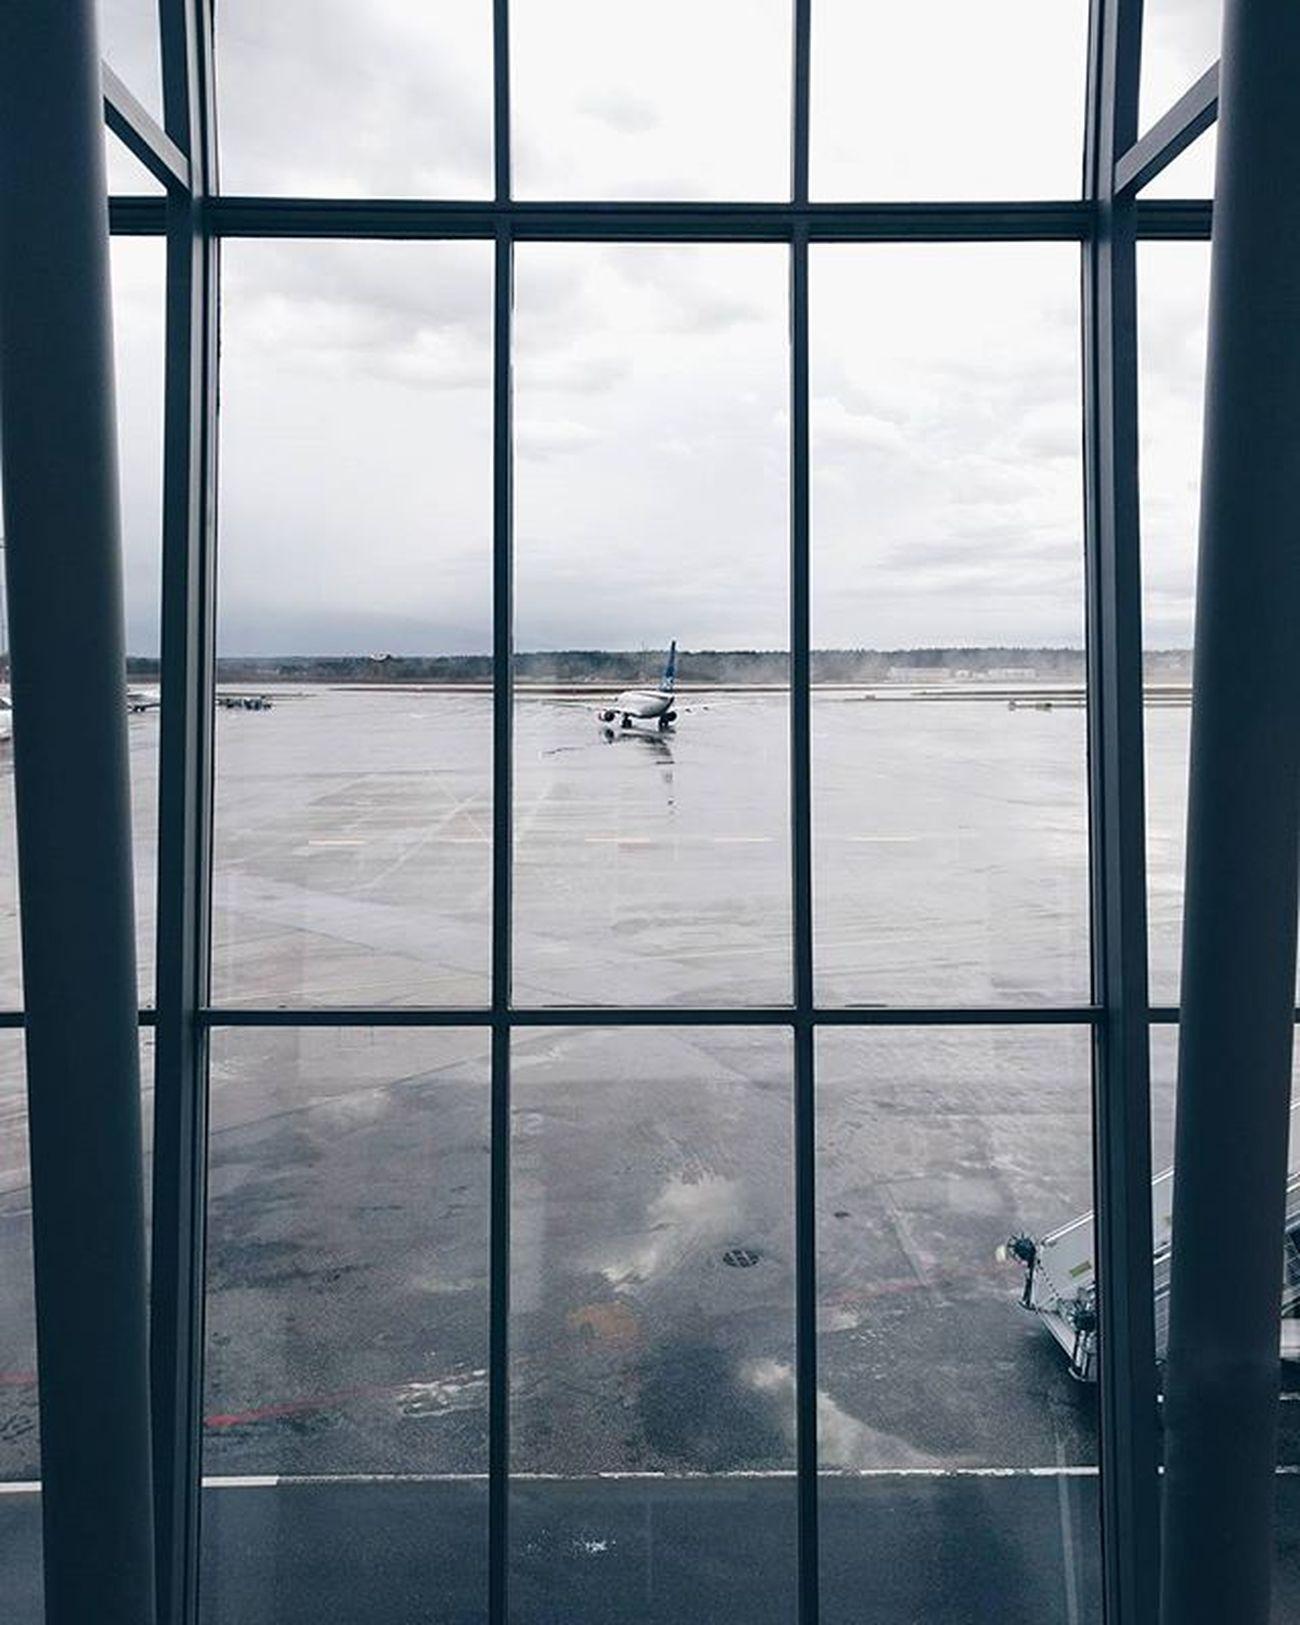 Dagens vänta på tåget utsikt. Arlanda Airport VSCO Aviation Photooftheday Scandinavianairlines